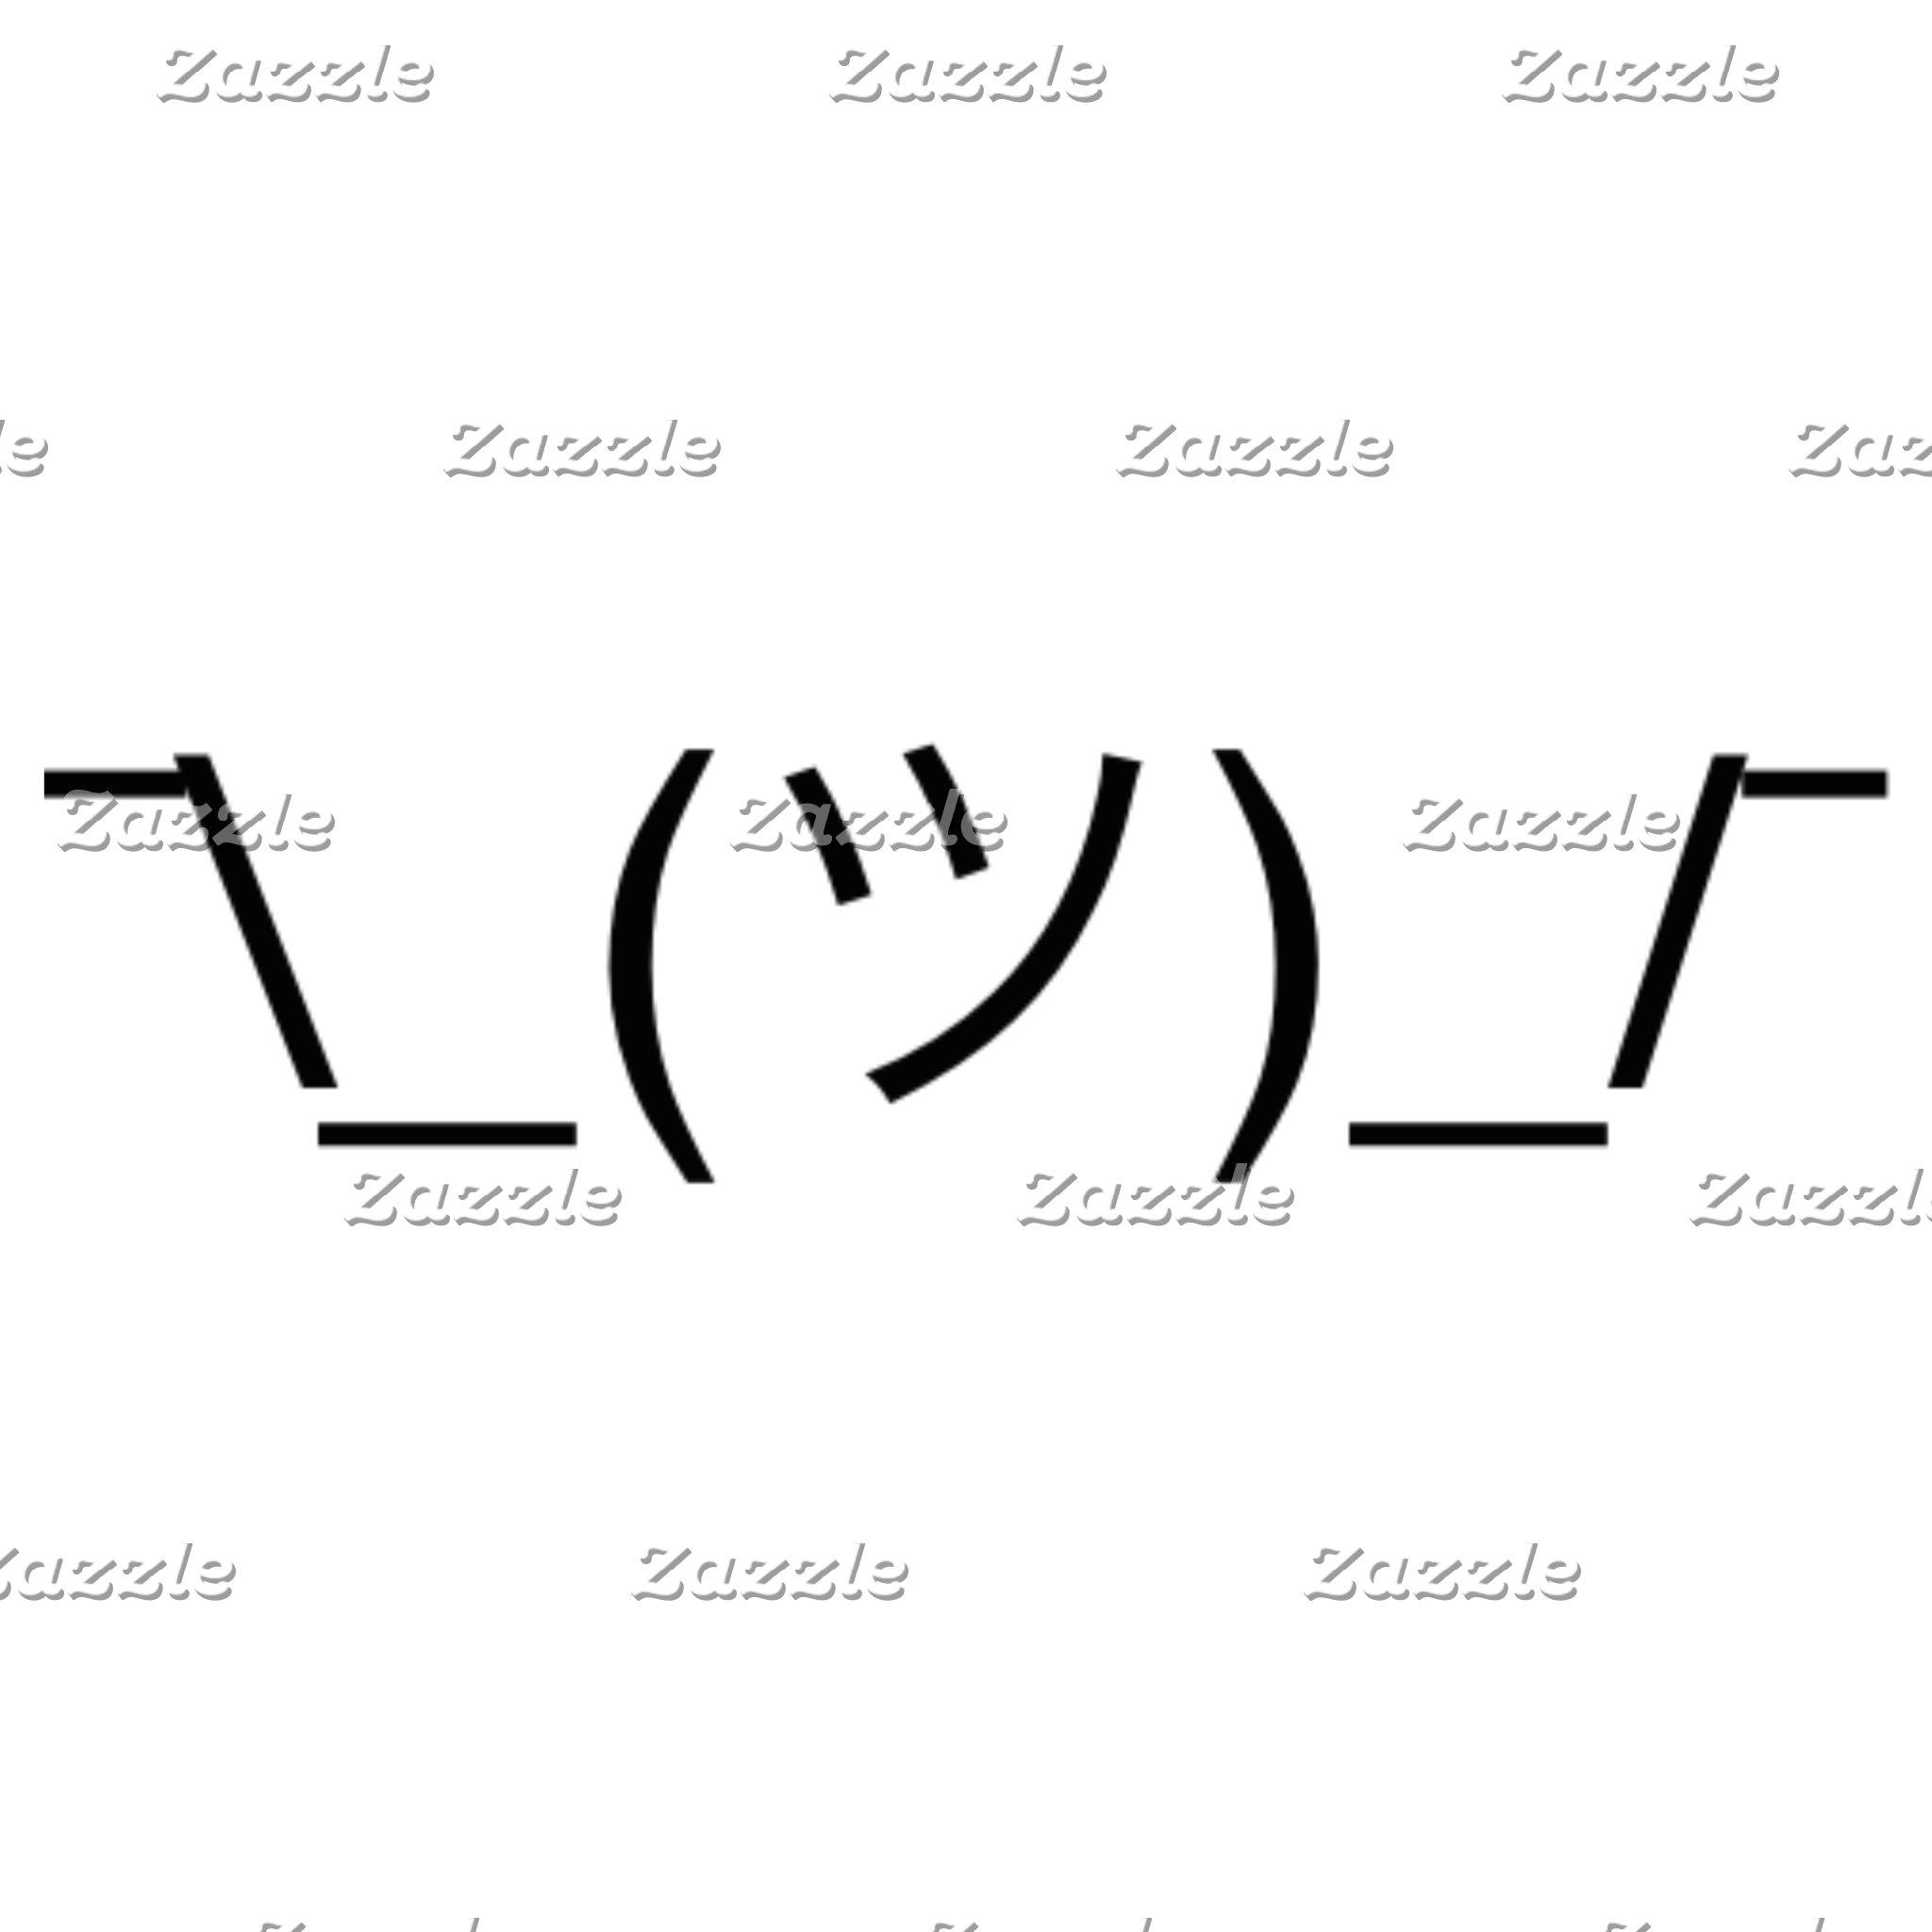 Smug Shrug ¯\_(ツ)_/¯